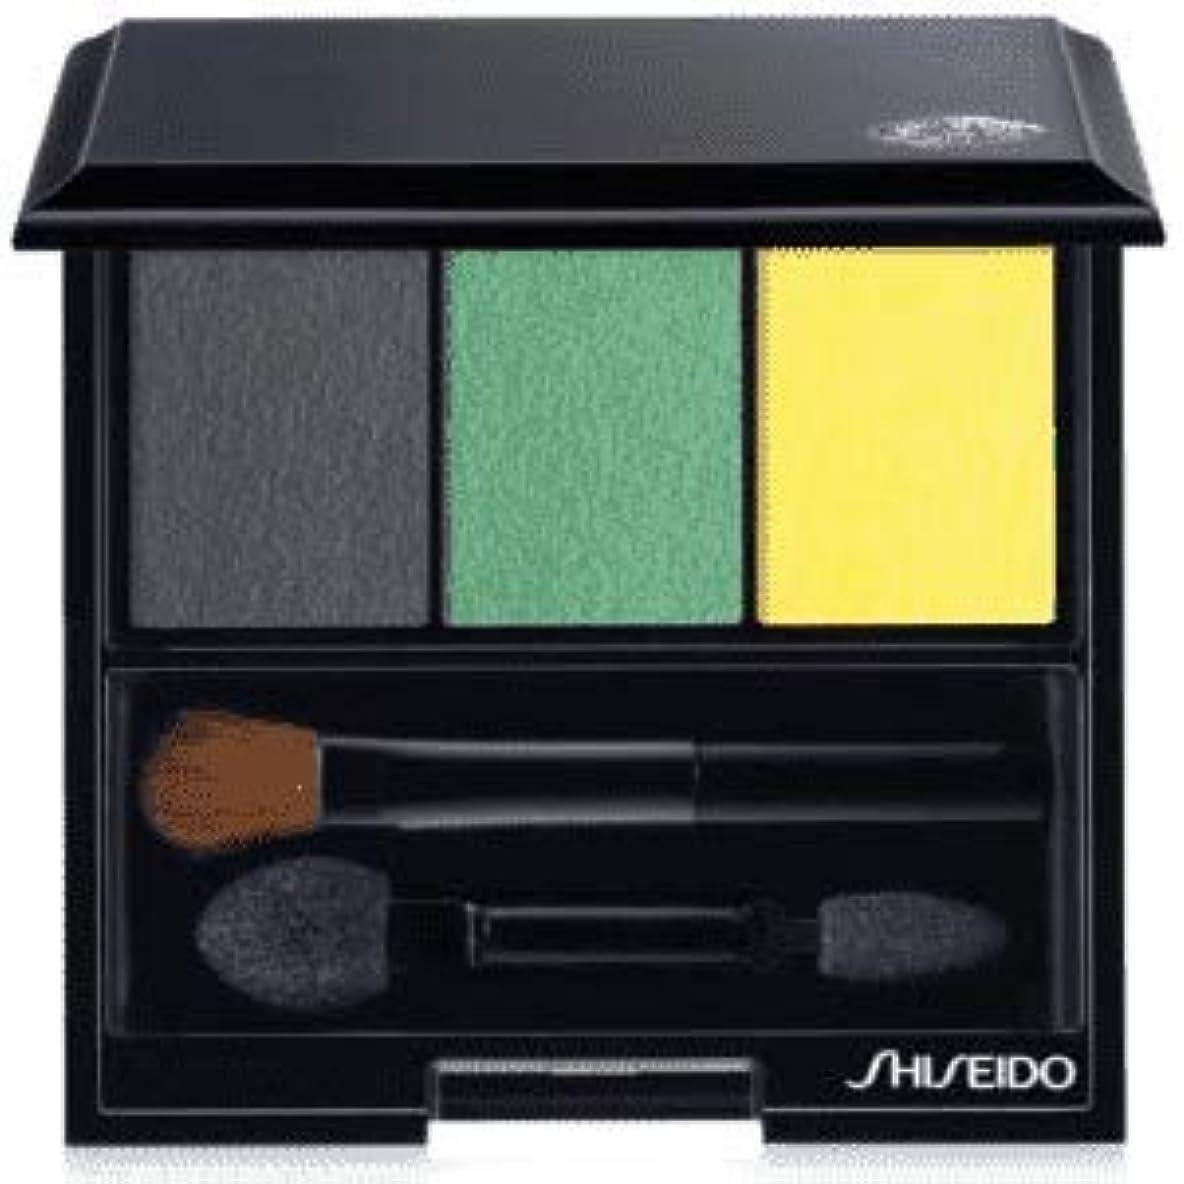 モザイク慢性的年齢資生堂 ルミナイジング サテン アイカラー トリオ GR716(Shiseido Luminizing Satin Eye Color Trio GR716) [並行輸入品]